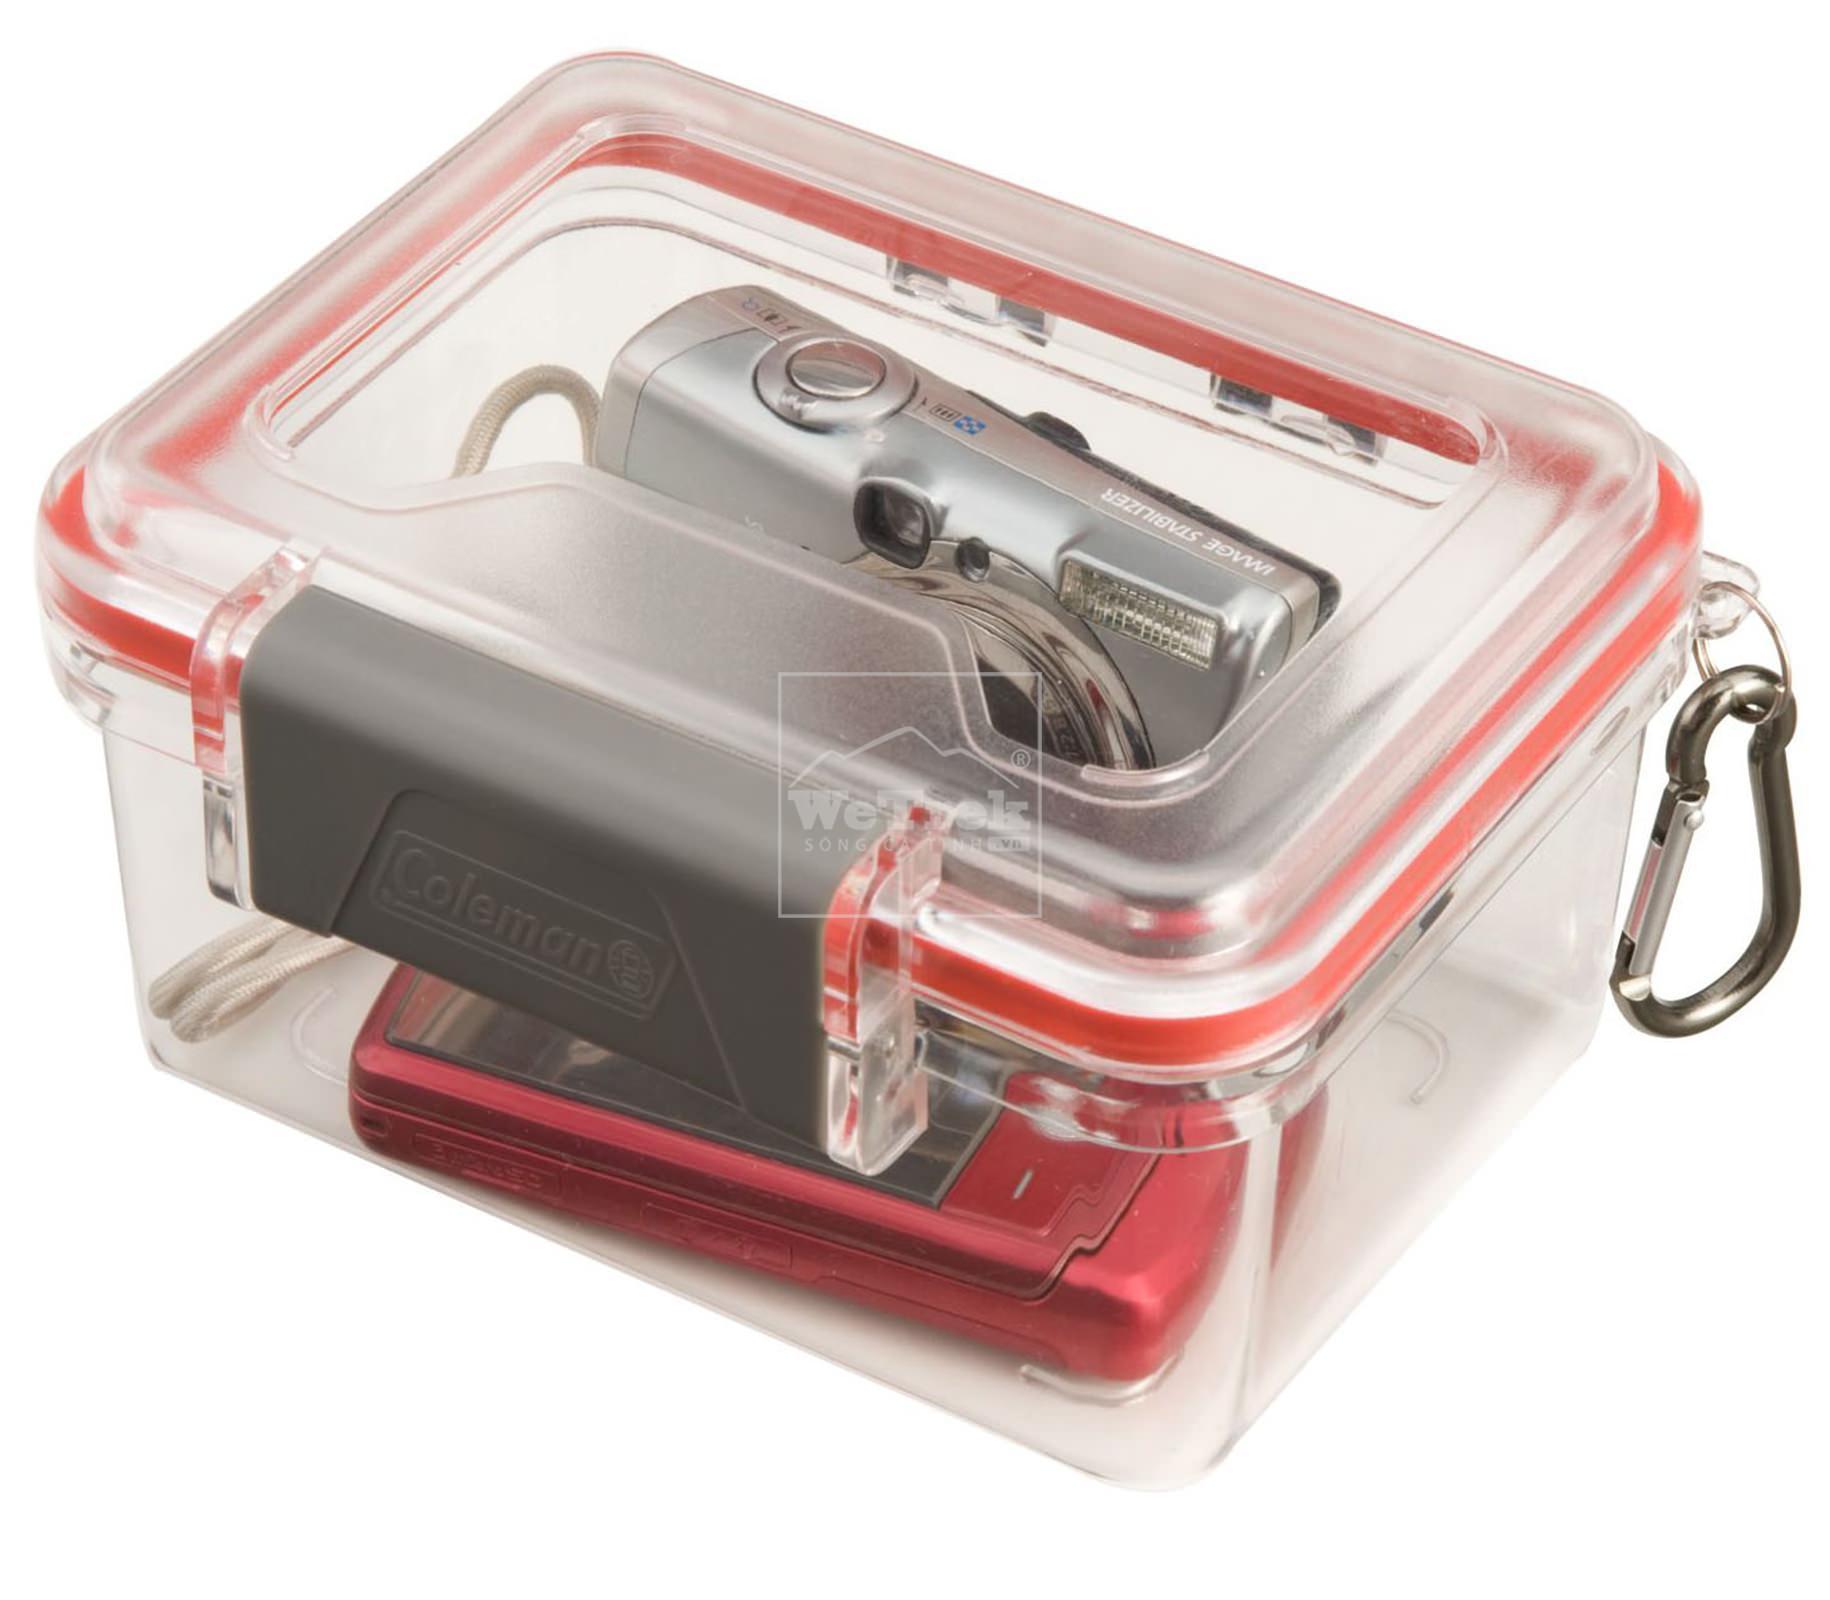 hop-dung-do-coleman-watertight-container-2000014511-5952-vua-wetrek.vn-1